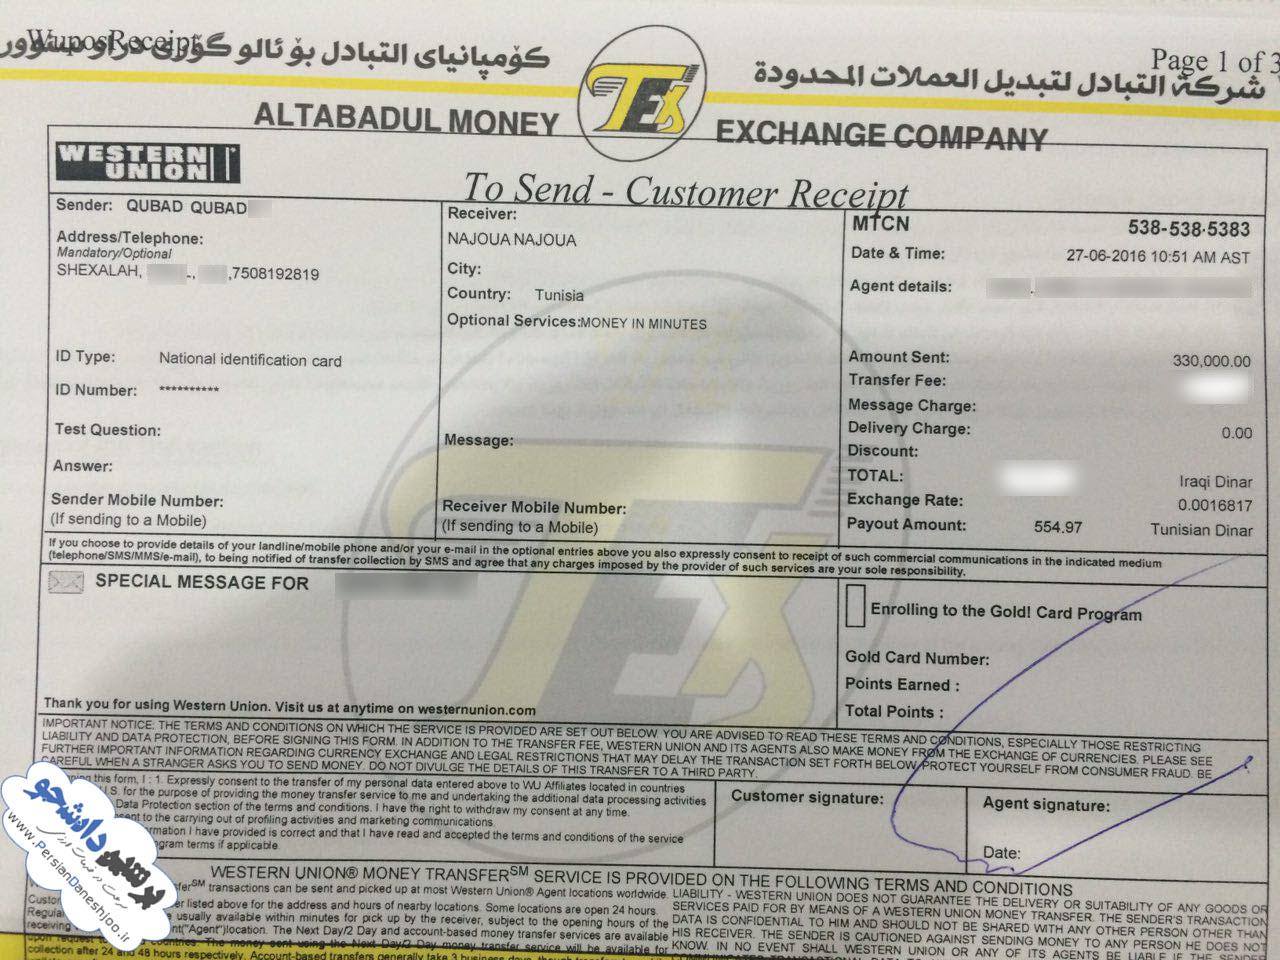 نمونه رسید وسترن یونیون Western Union